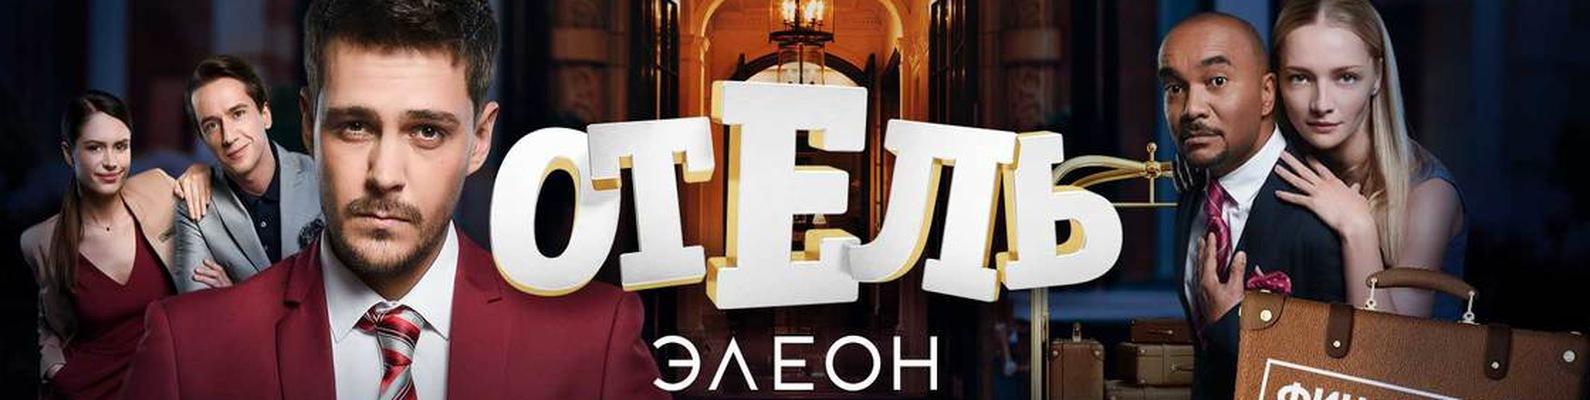 Отель элион 3 сезон